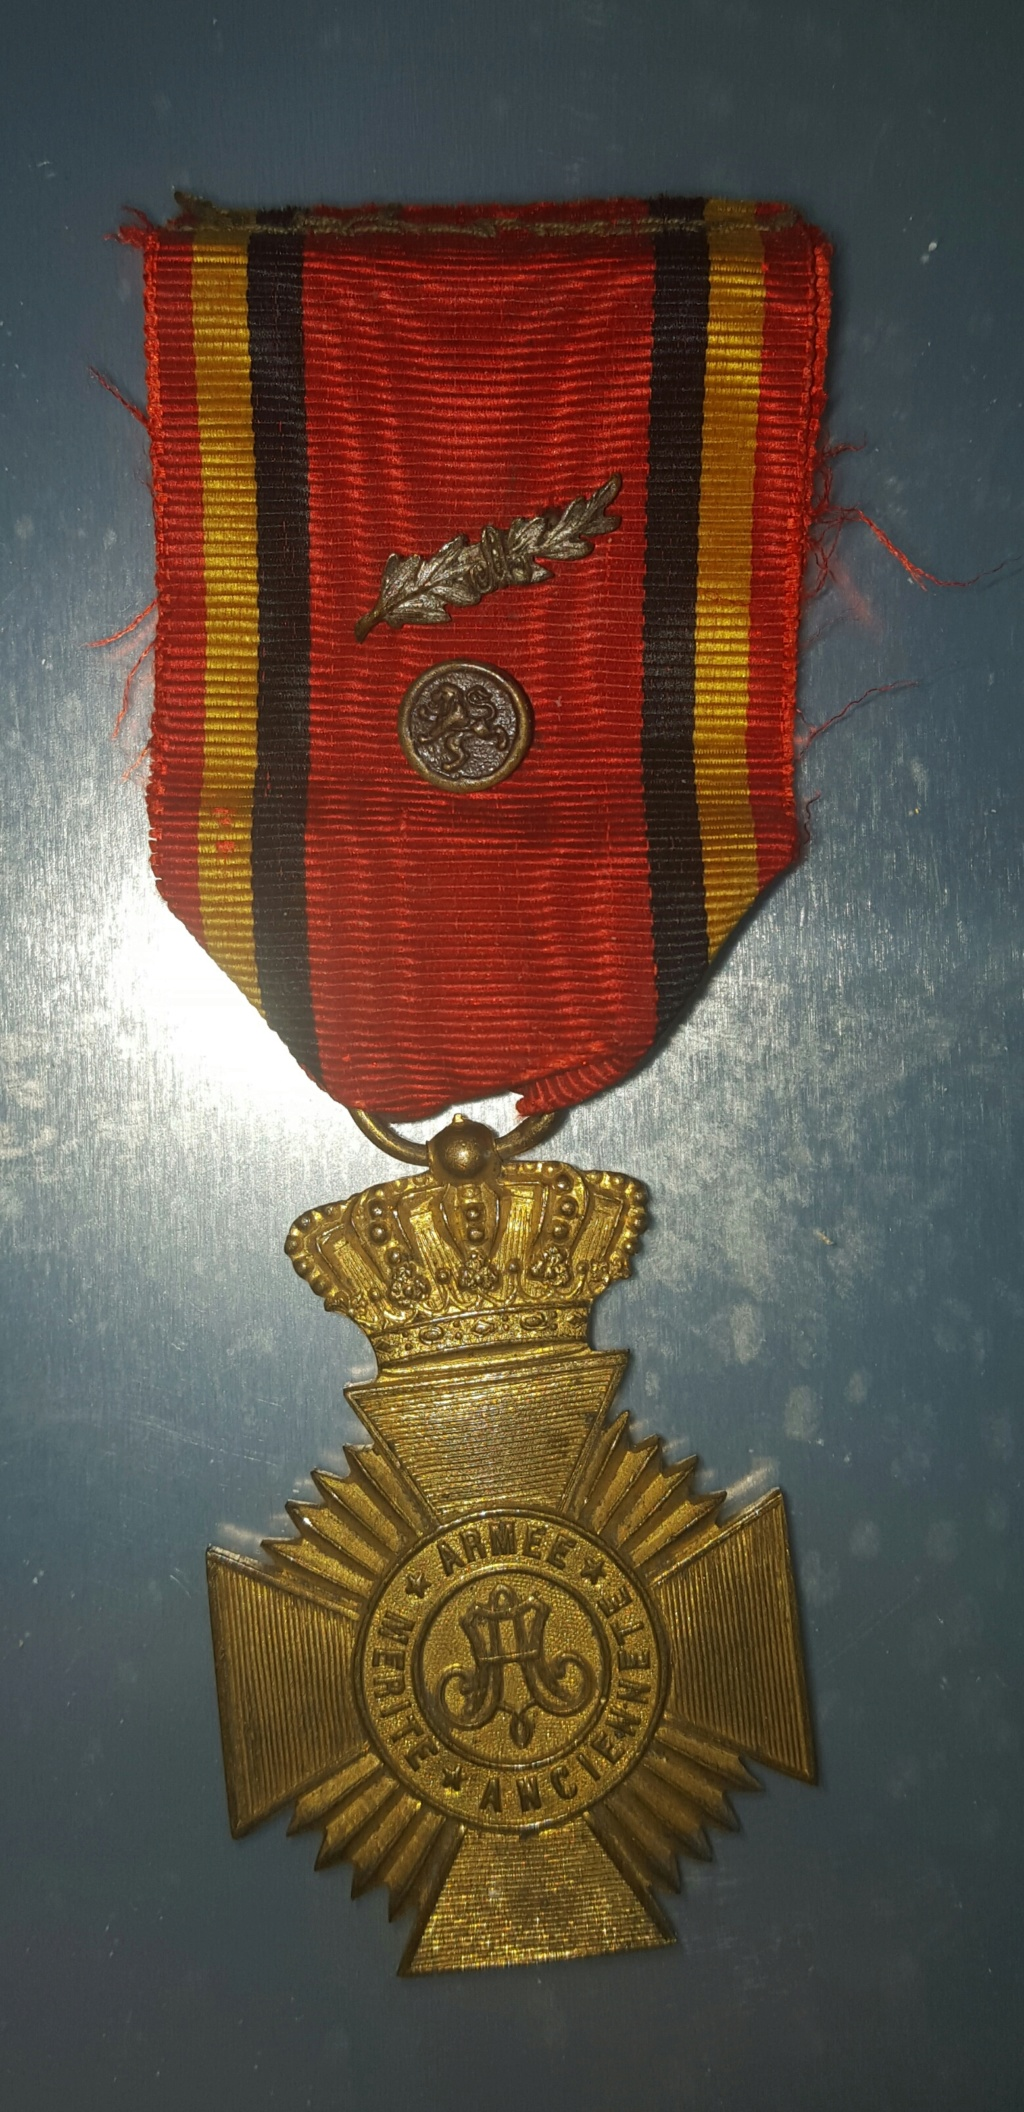 Médaille militaire belge , acte de bravoure ... 20180610